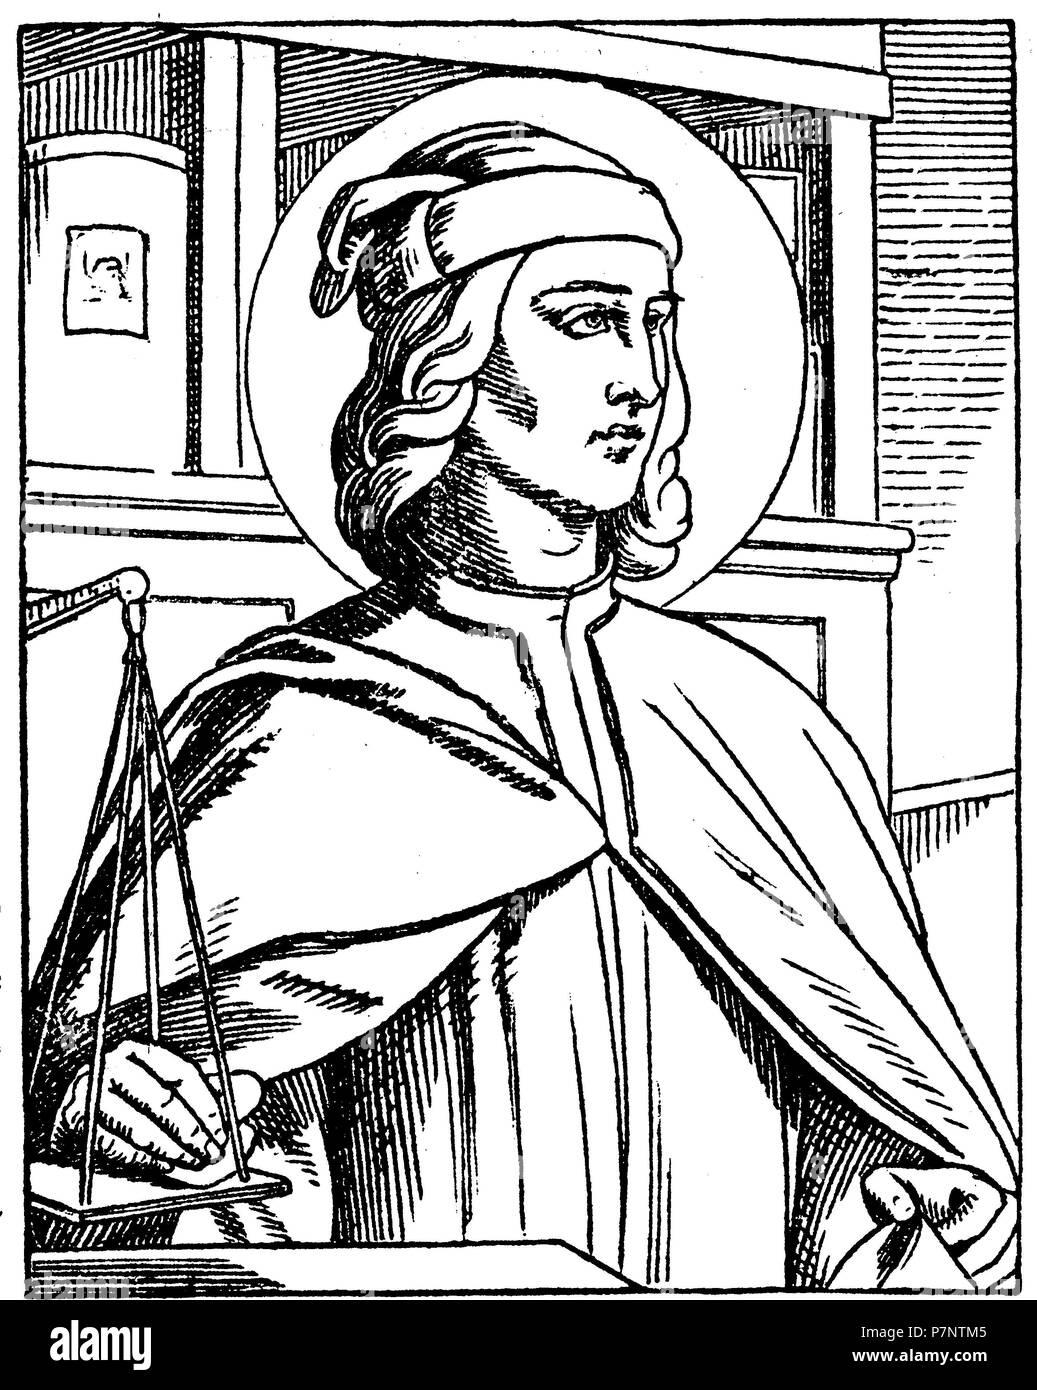 CHELSEA: St homobonus